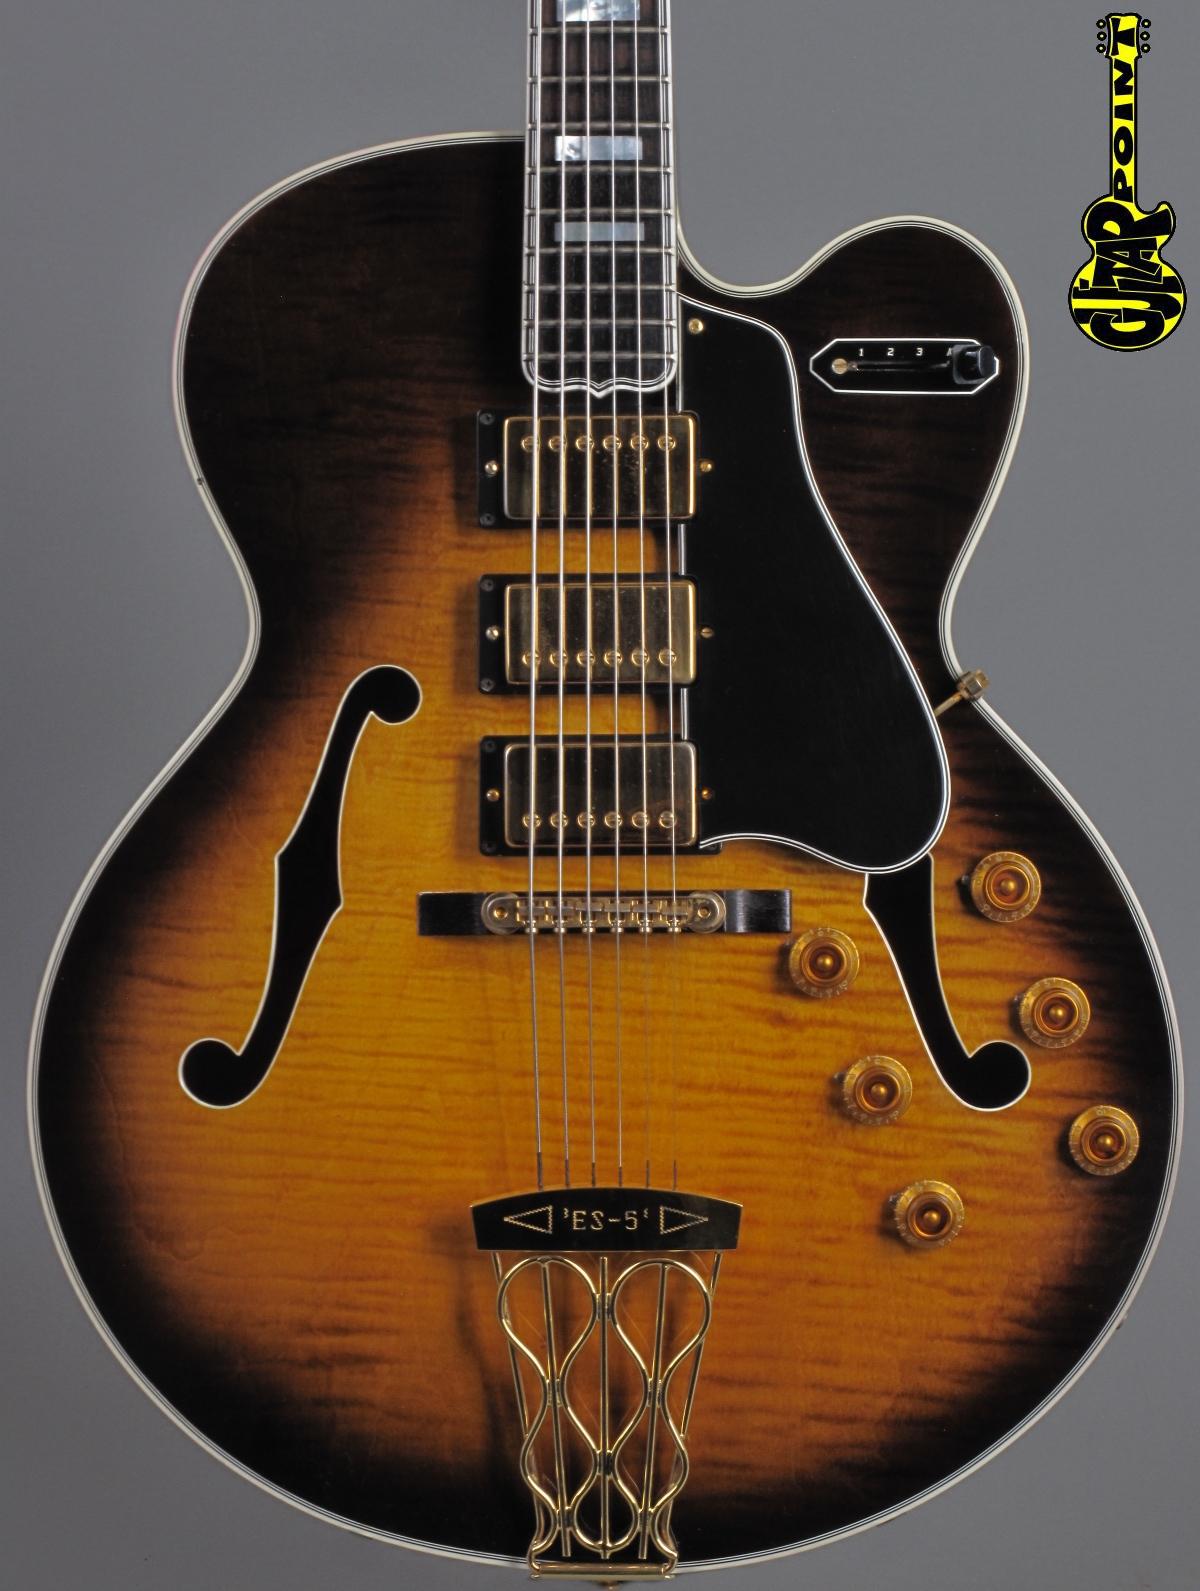 1995 Gibson ES-5 Switchmaster - Sunburst